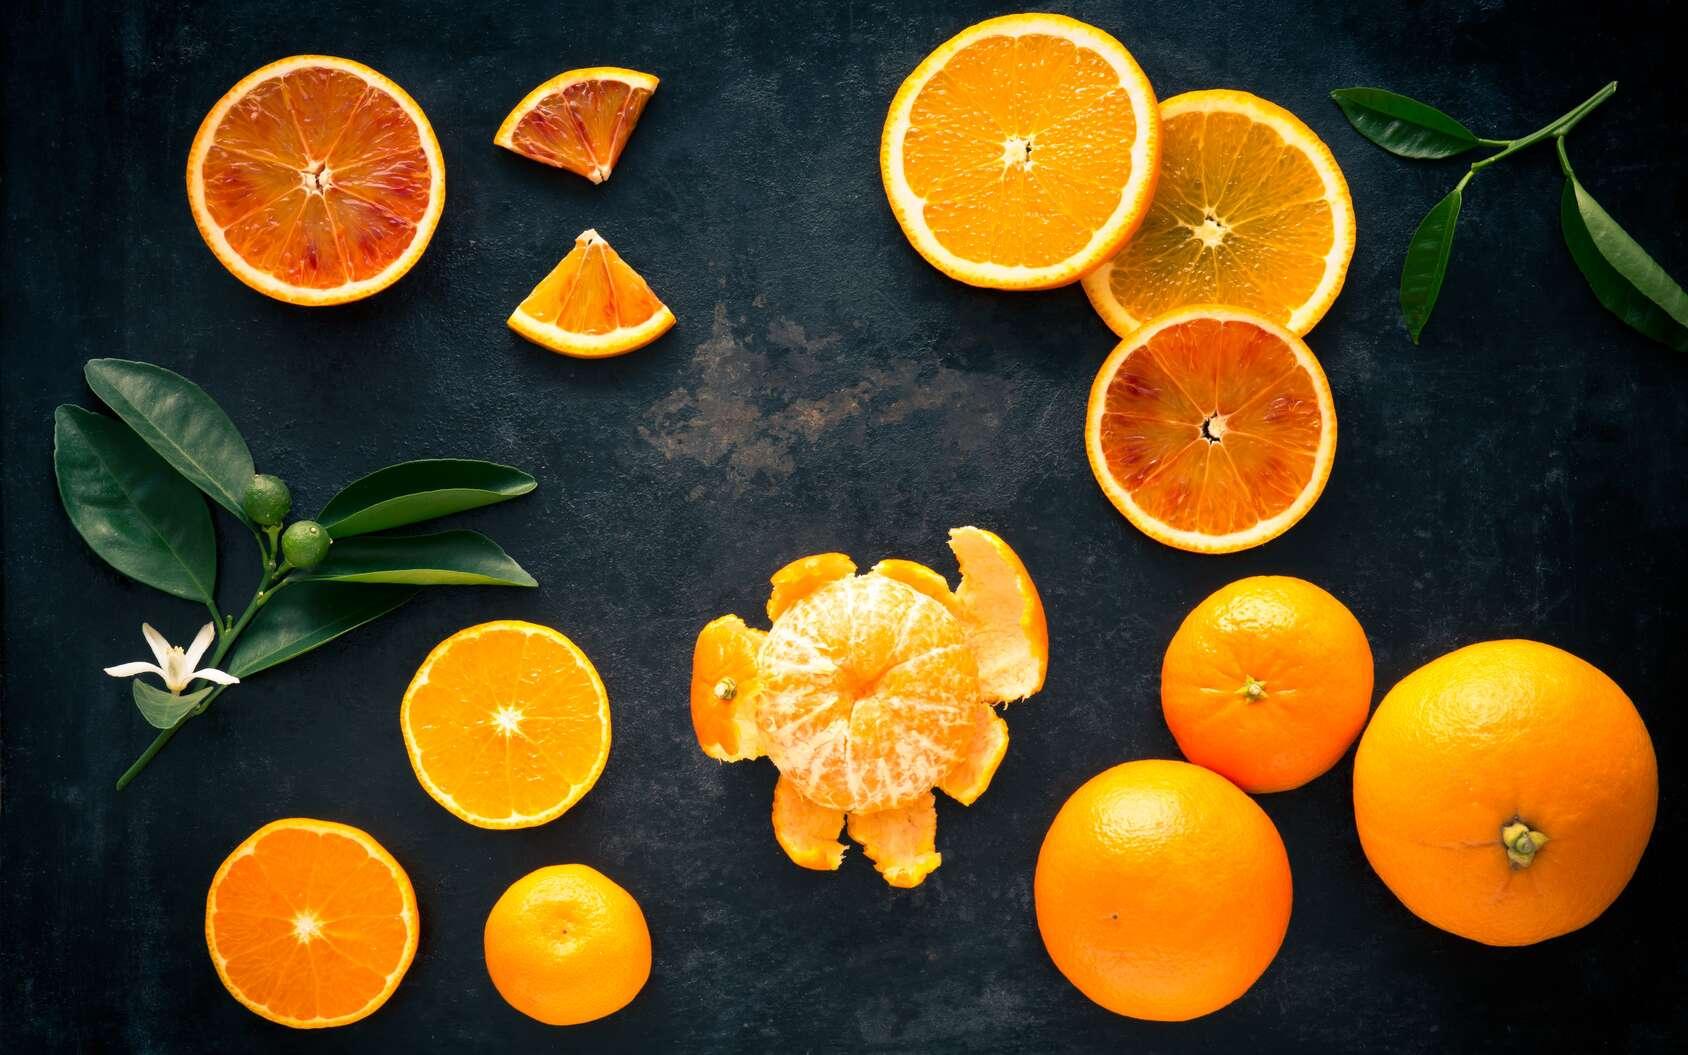 L'orange est un agrume à consommer en hiver pour sa richesse en vitamine C. © Melima, Fotolia